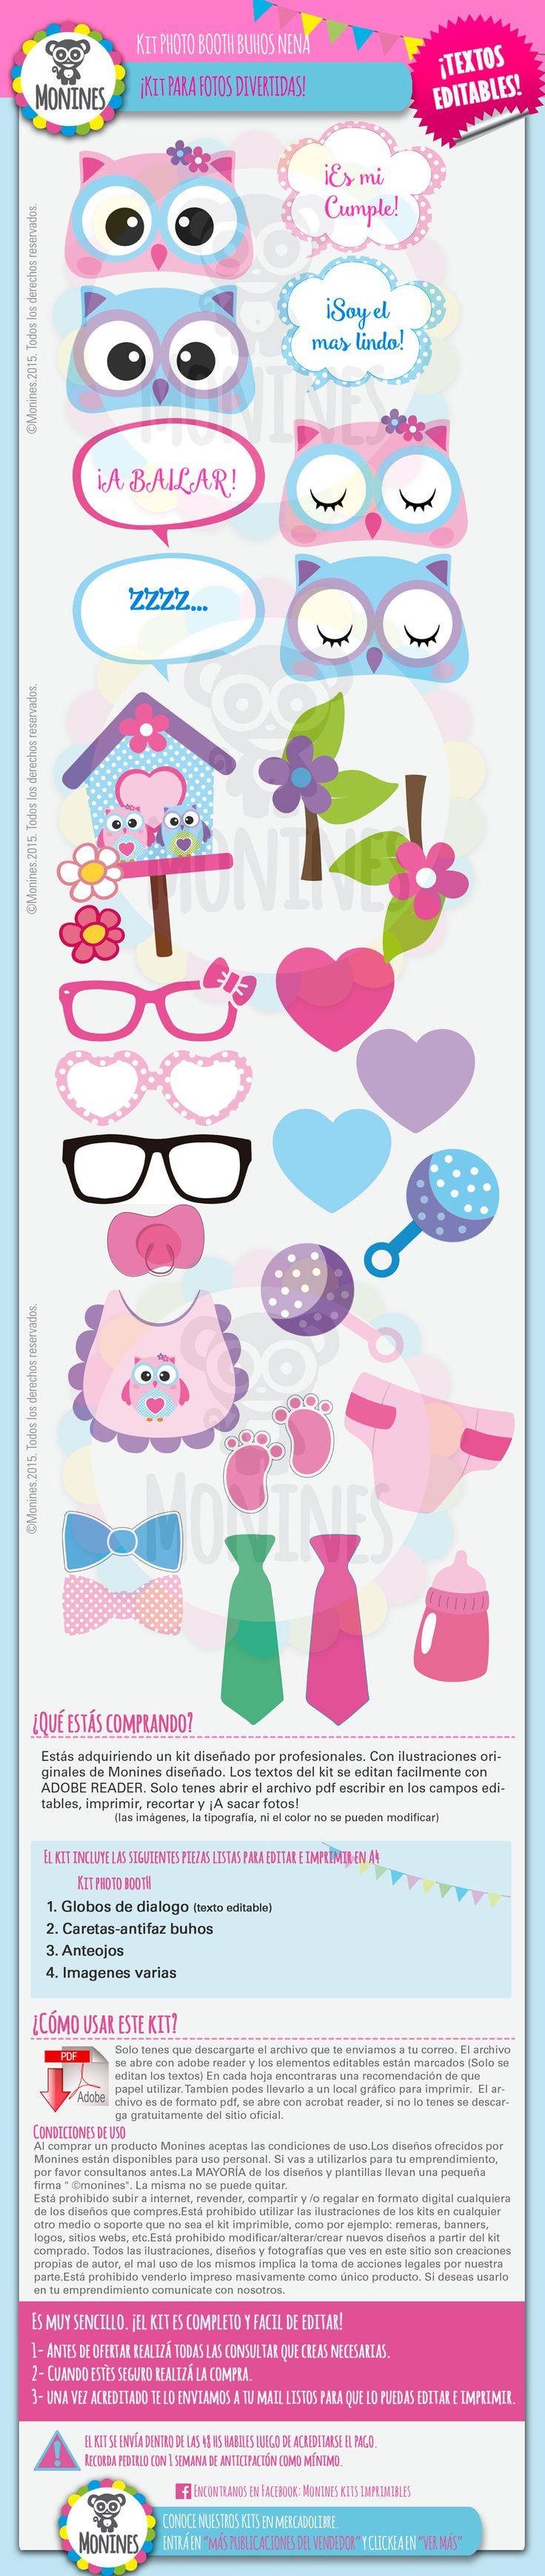 Kit Imprimible Photobooth Buhos Nena. Cumpleaños-baby Shower - $ 30,00 en MercadoLibre